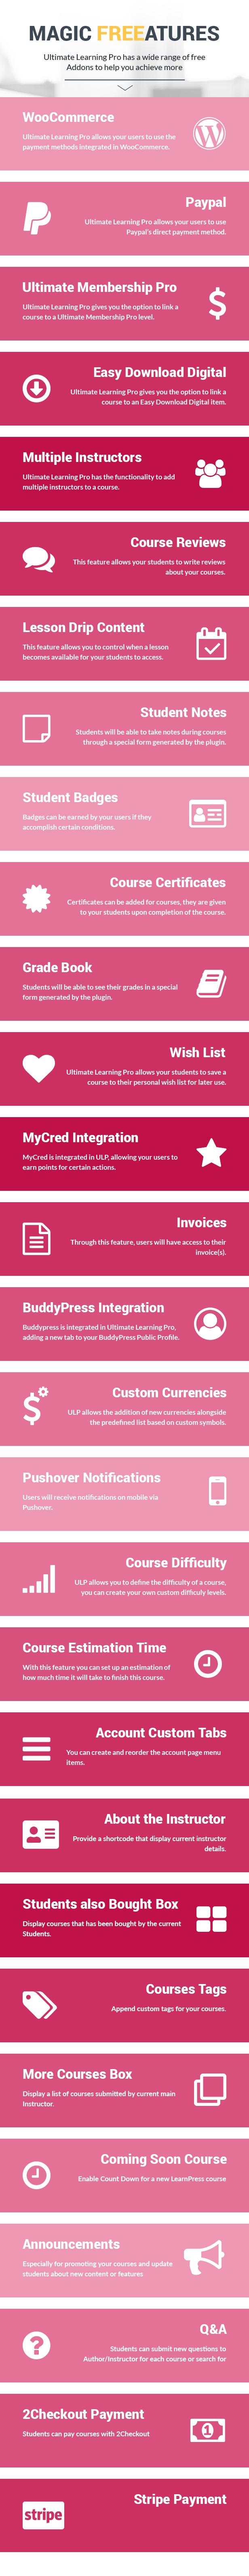 Ultimate Learning Pro WordPress Plugin - 16